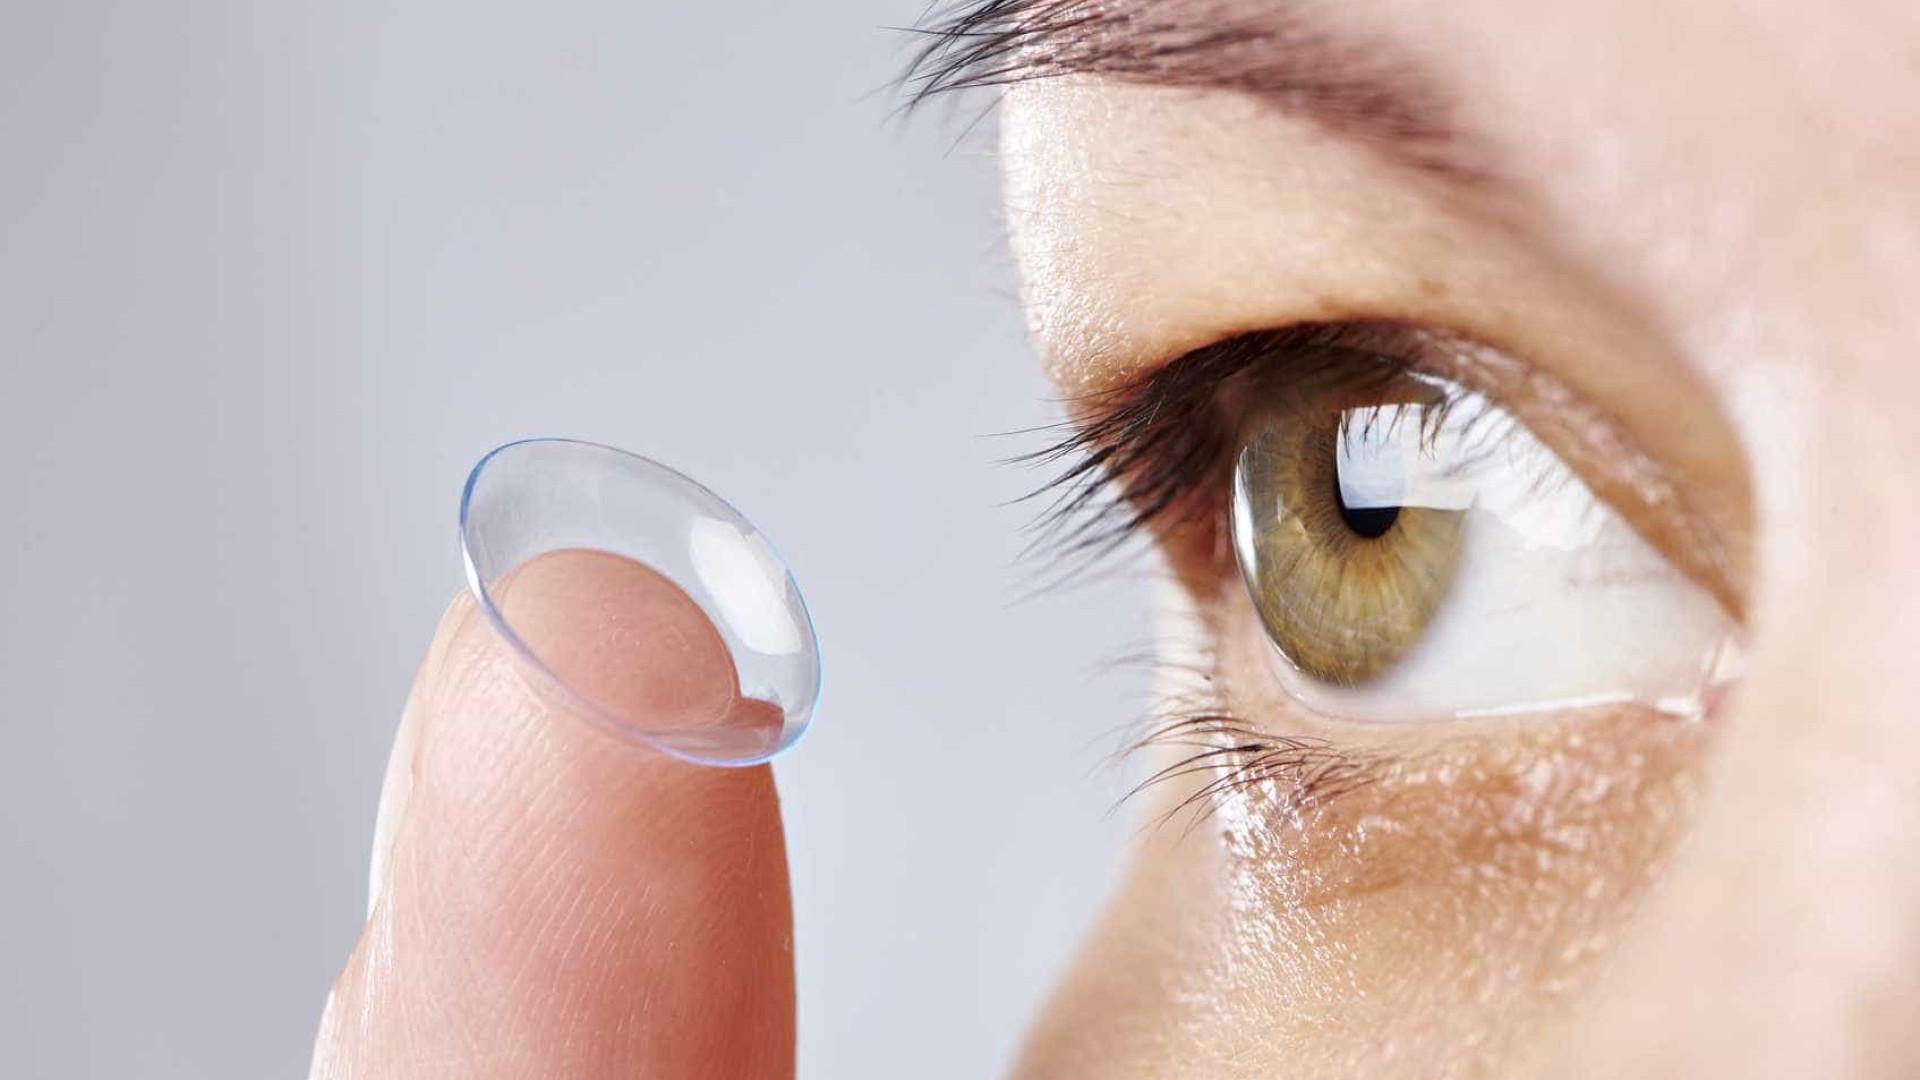 Joga a lente de contato na privada? Hábito é ruim para meio ambiente